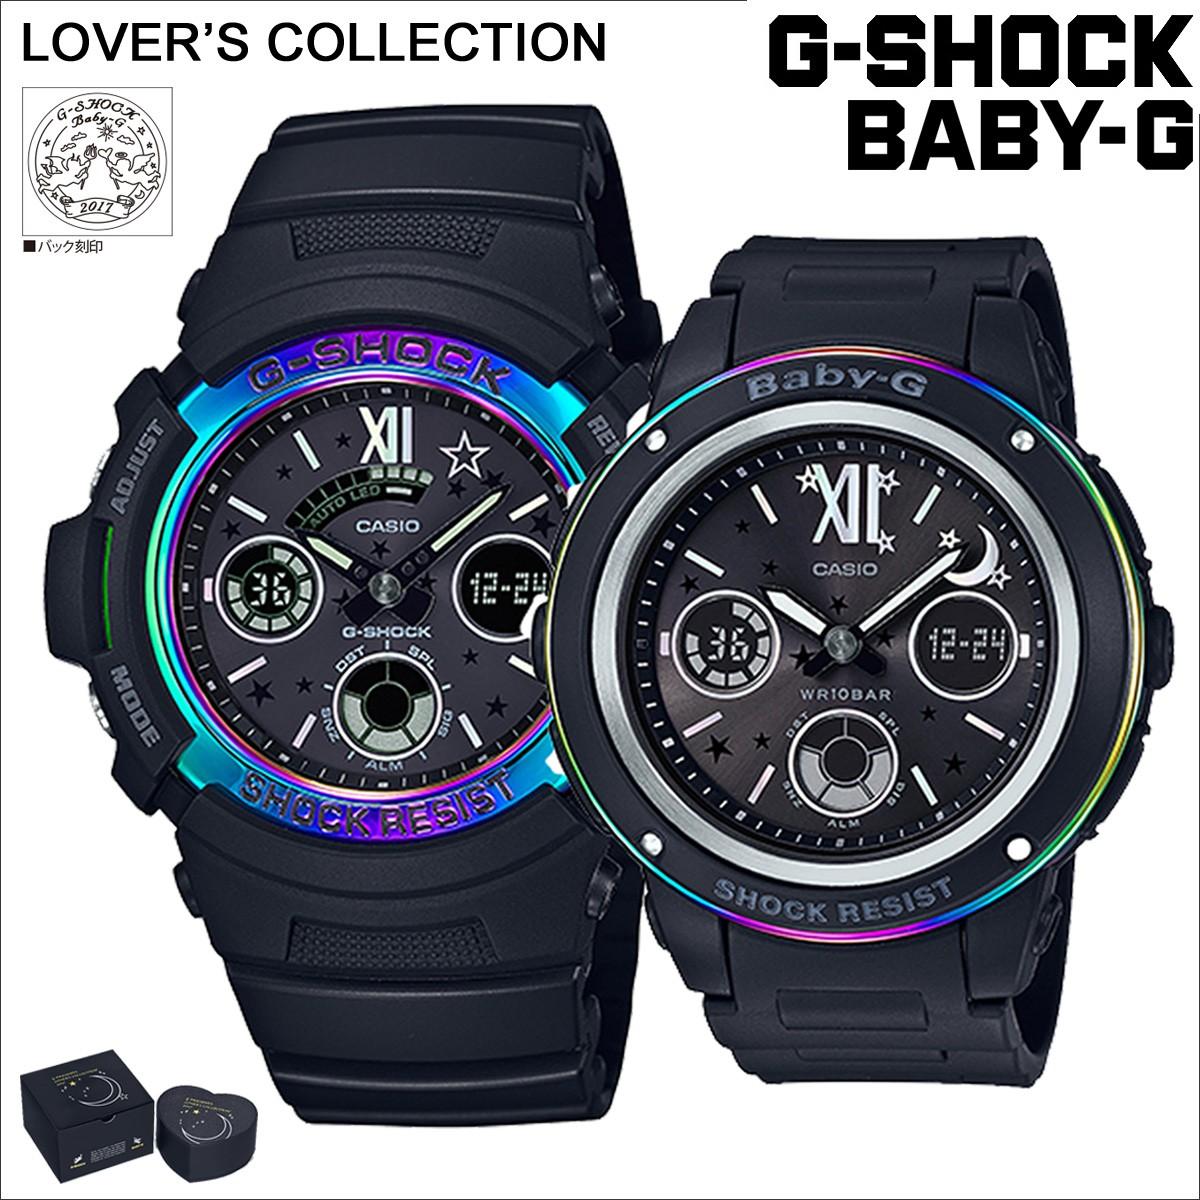 【SOLD OUT】 カシオ CASIO G-SHOCK 腕時計 LOV 17B 1AJR ブラック ジーショック G-ショック Gショック ラバーズコレクション ペア メンズ レディース [12/12 再入荷]